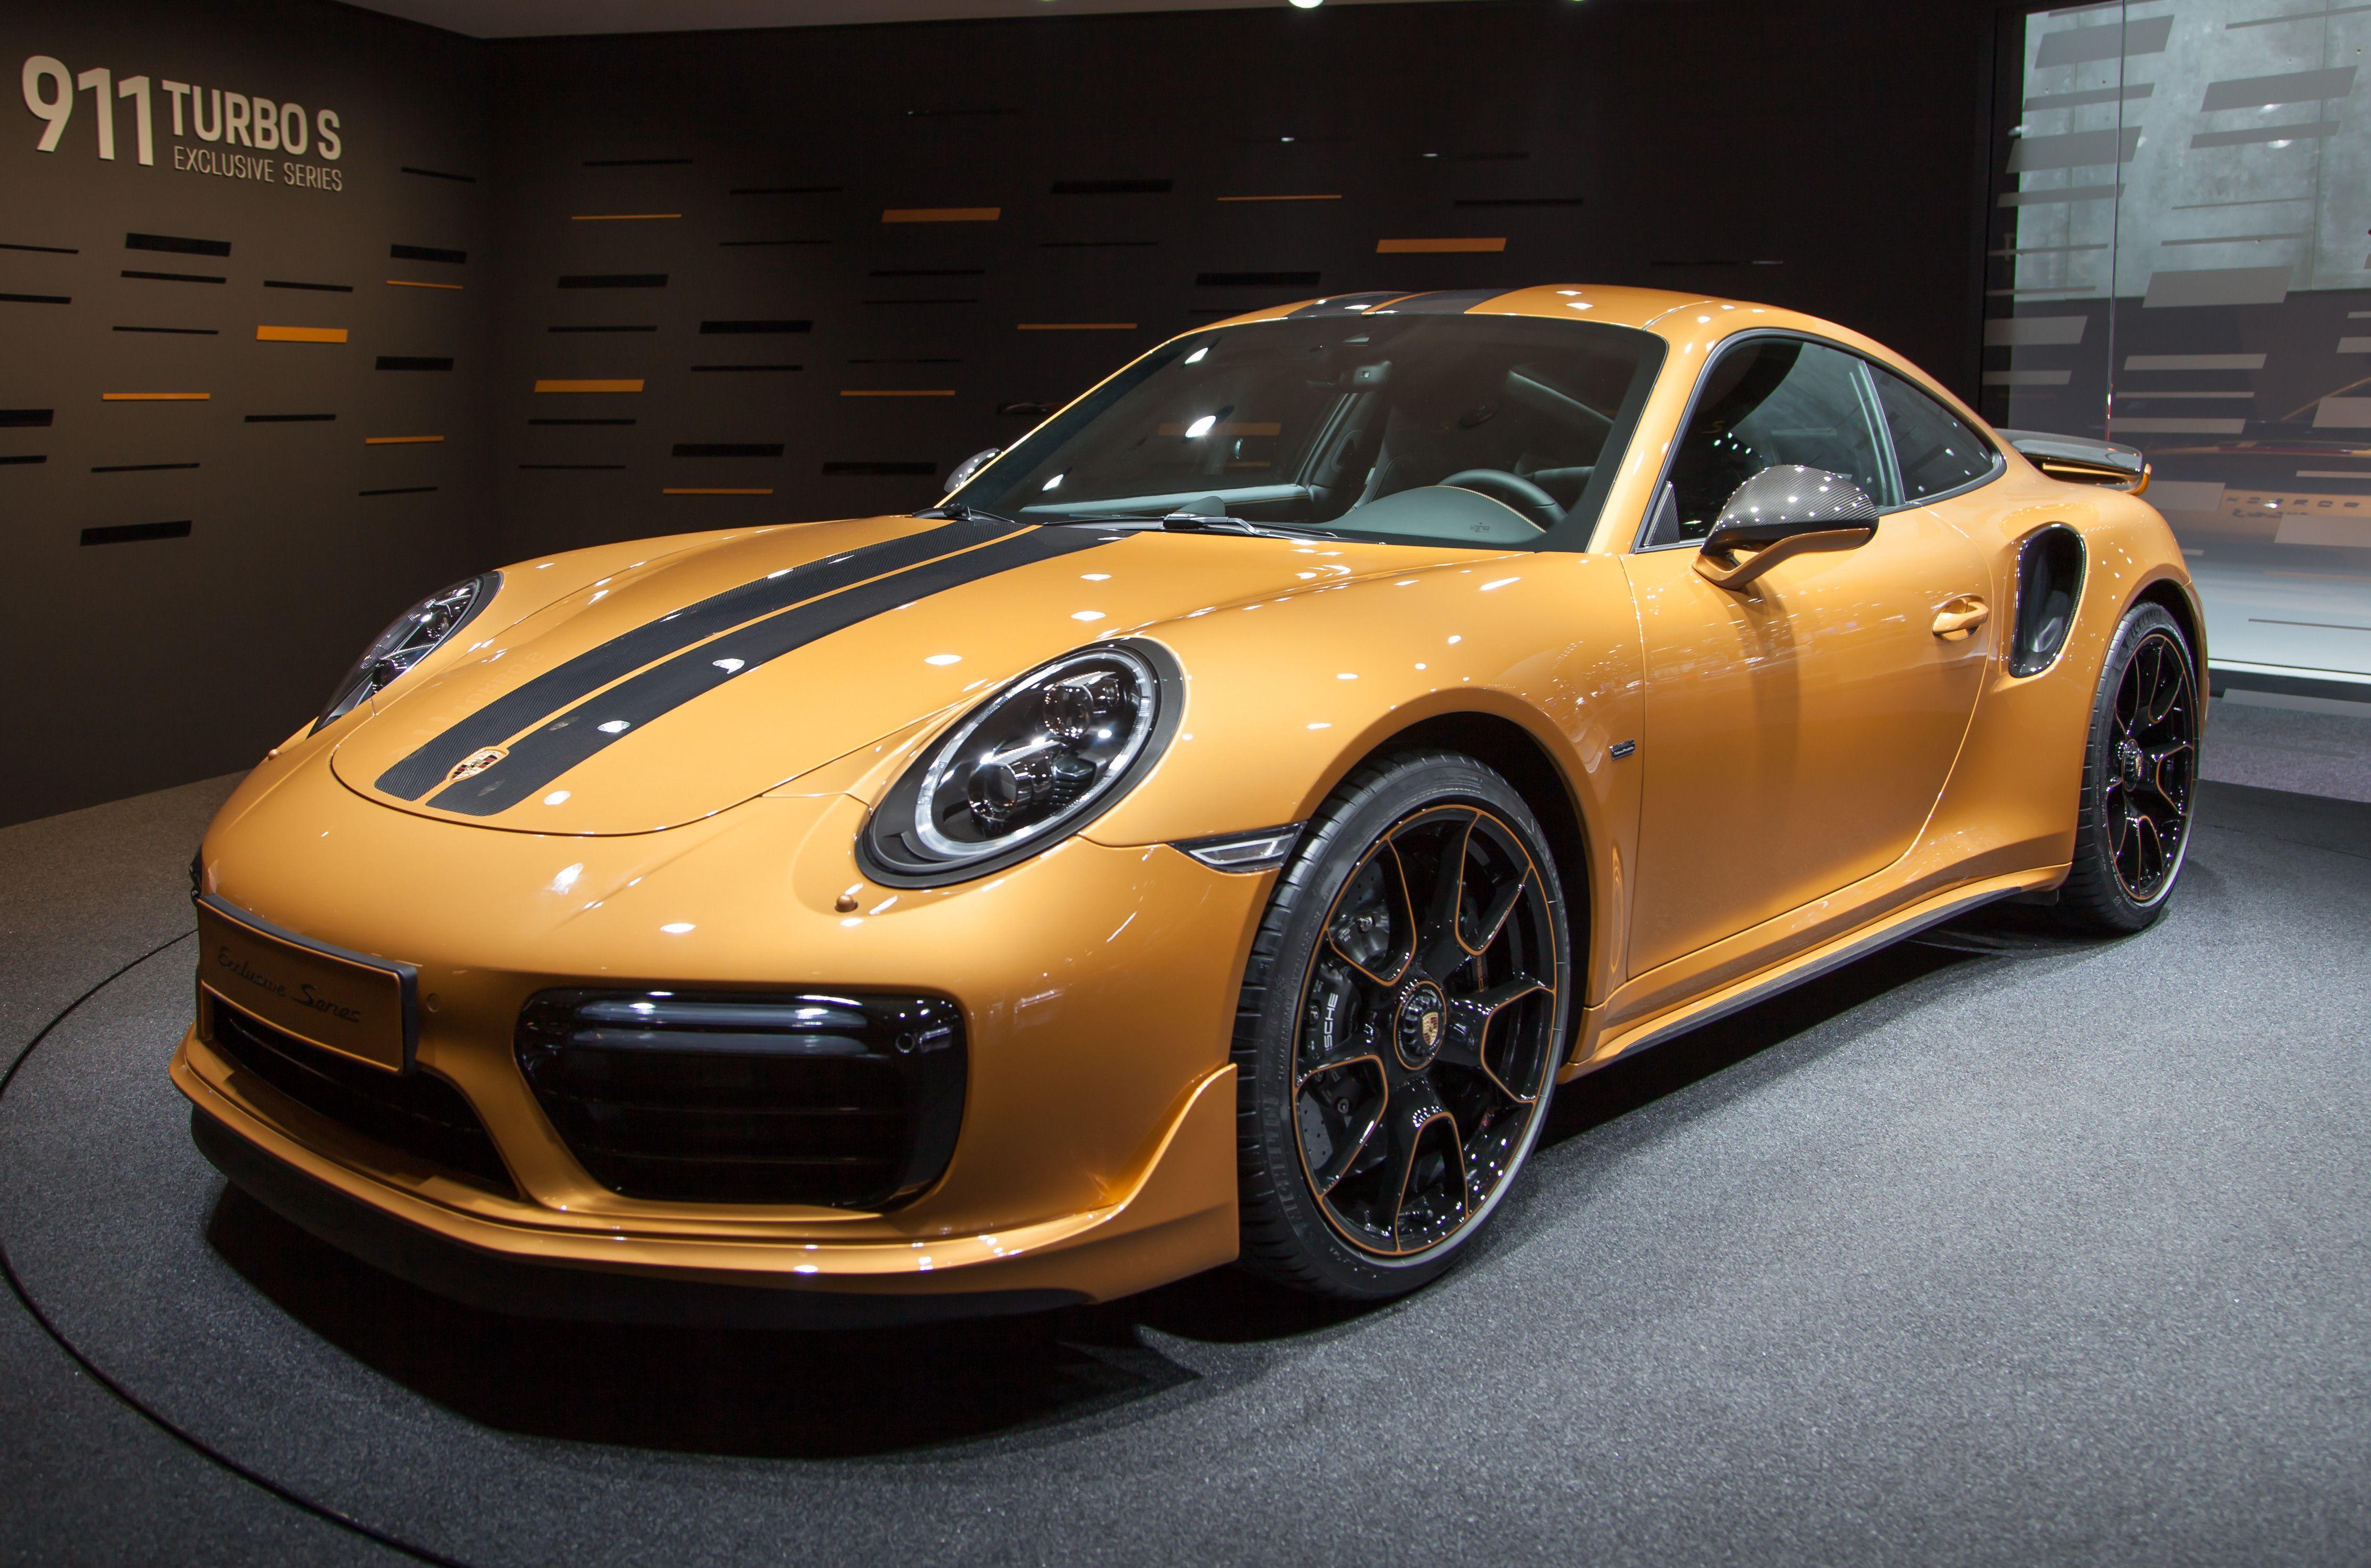 2018 Porsche 911 Targa 4 Gts Manual the Porsche 911 Targa 4 Gts